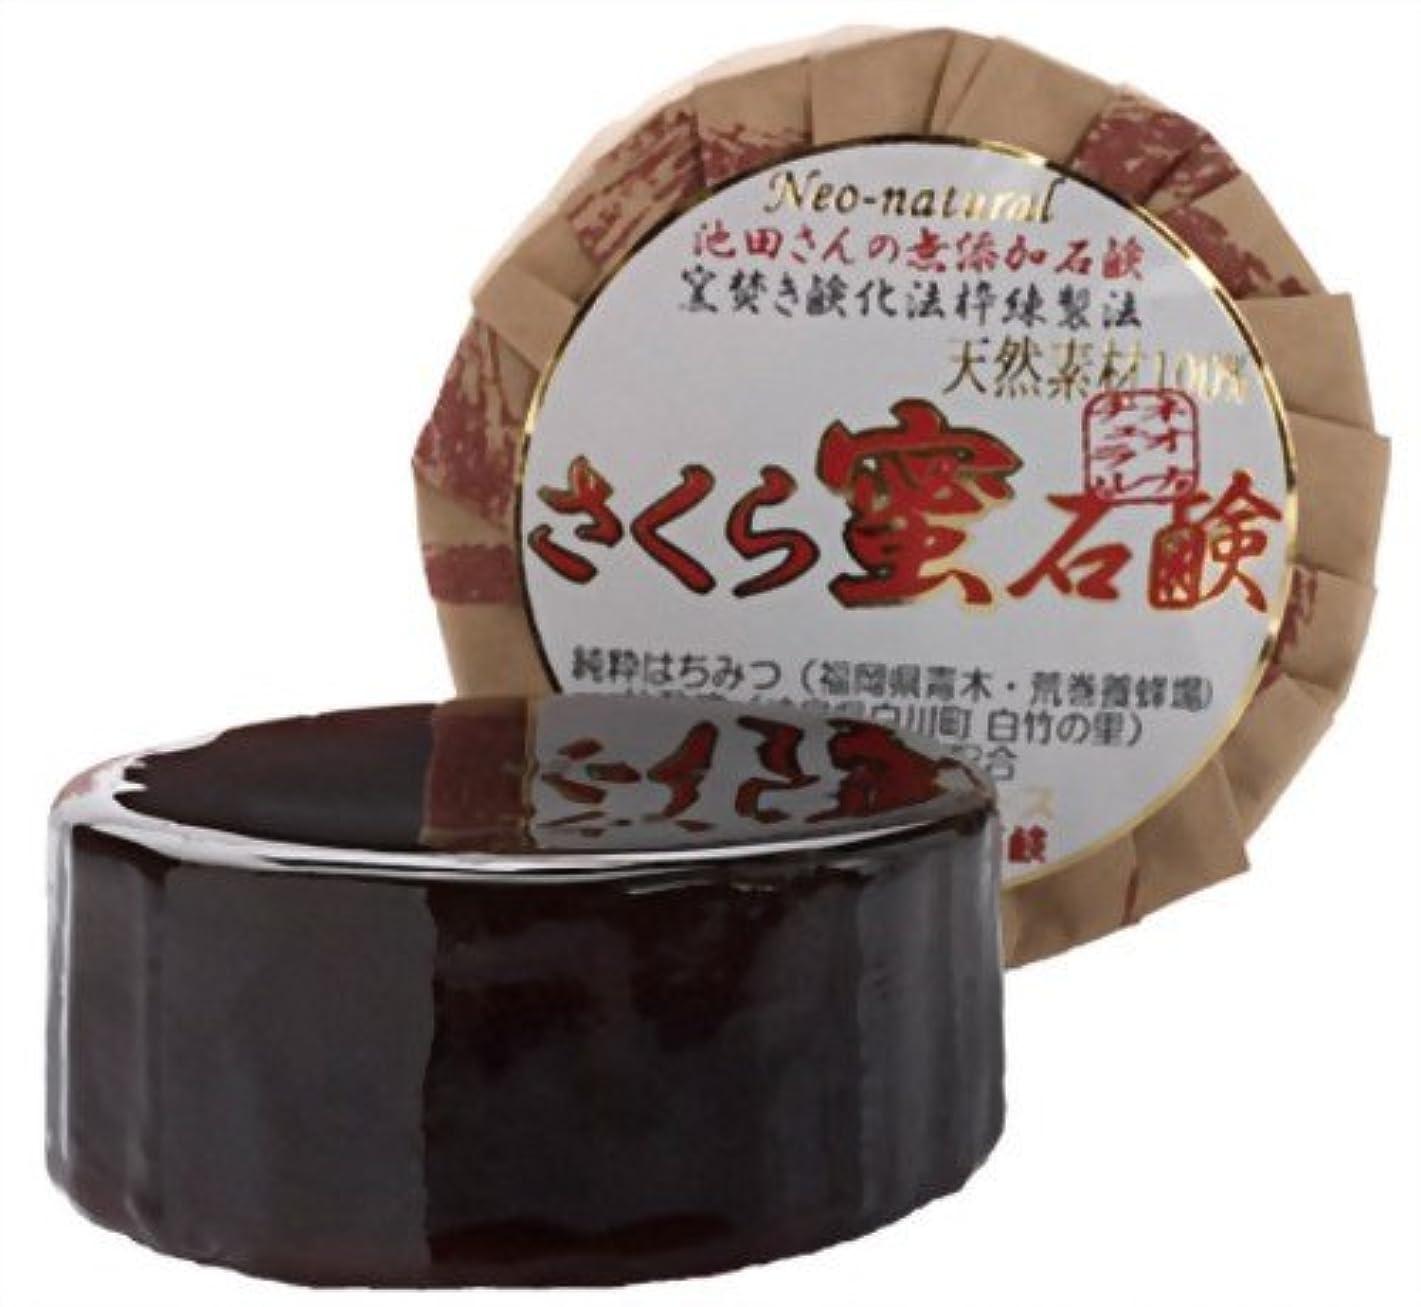 絡み合い遅滞すごいネオナチュラル 池田さんのさくら蜜石鹸 105g